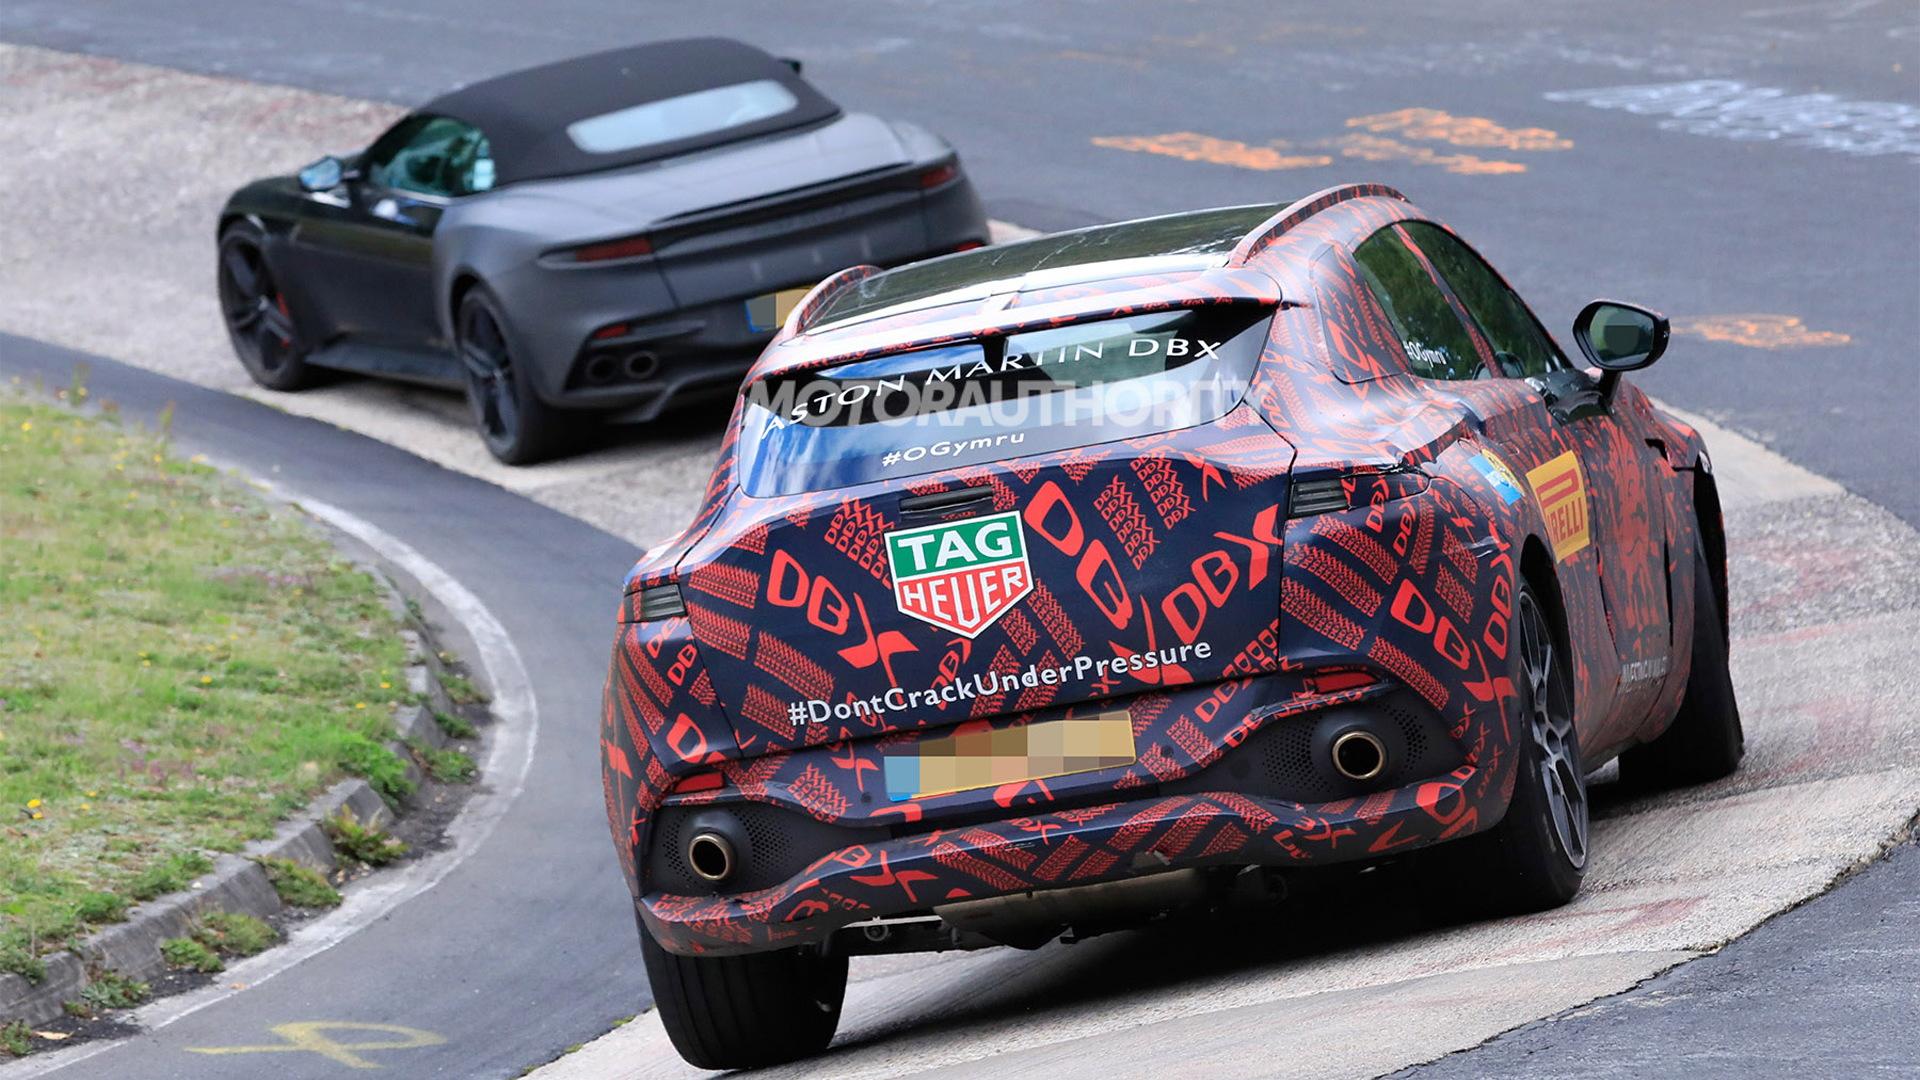 2020 Aston Martin DBX spy shots - Photo credit: S. Baldauf/SB-Medien